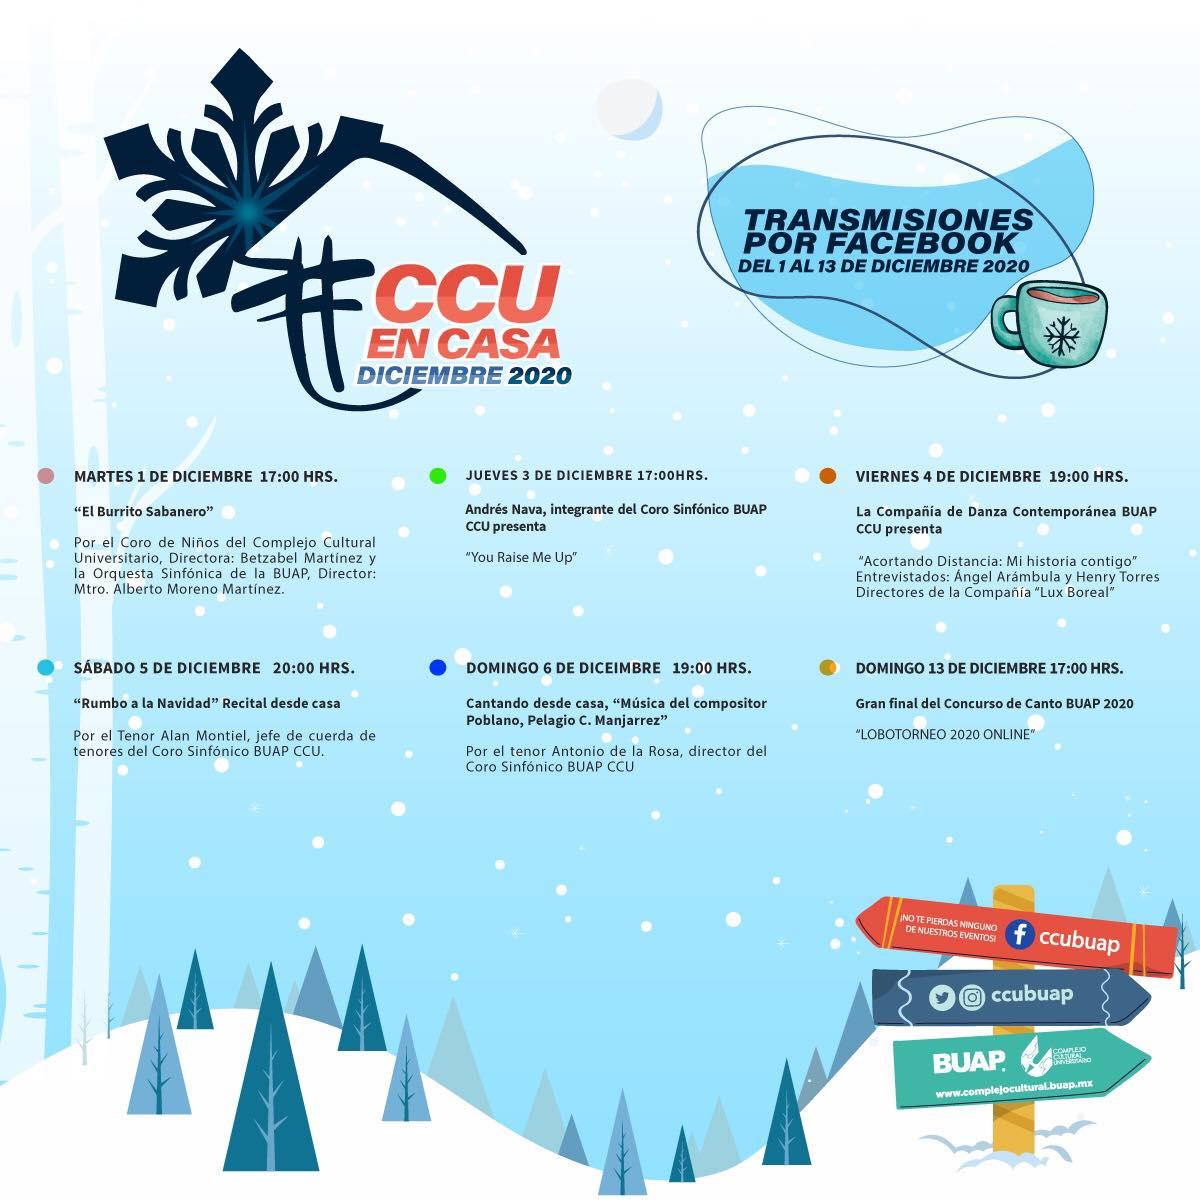 Cartelera del CCU de la BUAP del martes 1 al domingo 6 de diciembre